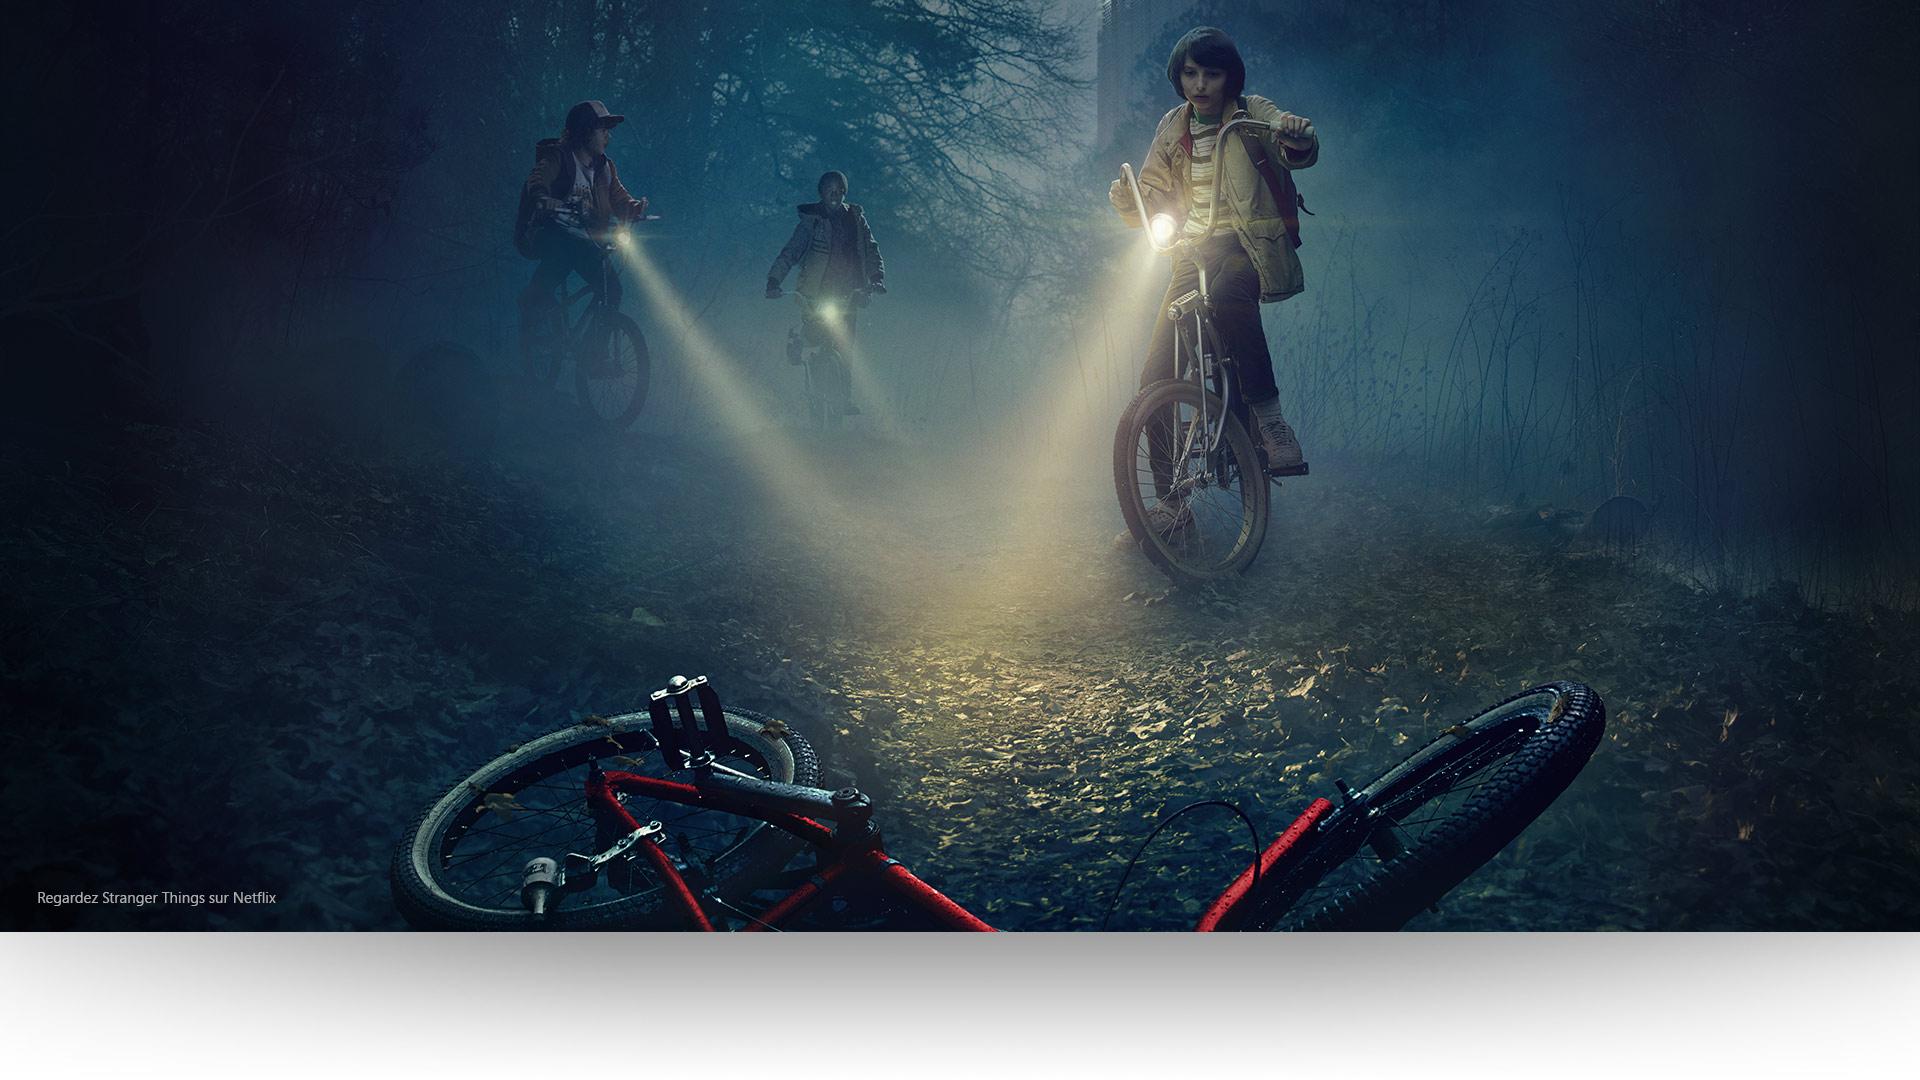 StrangerThings - Dustin, Lucas et Mike éclairent un vélo abandonné sur un sentier forestier lugubre.